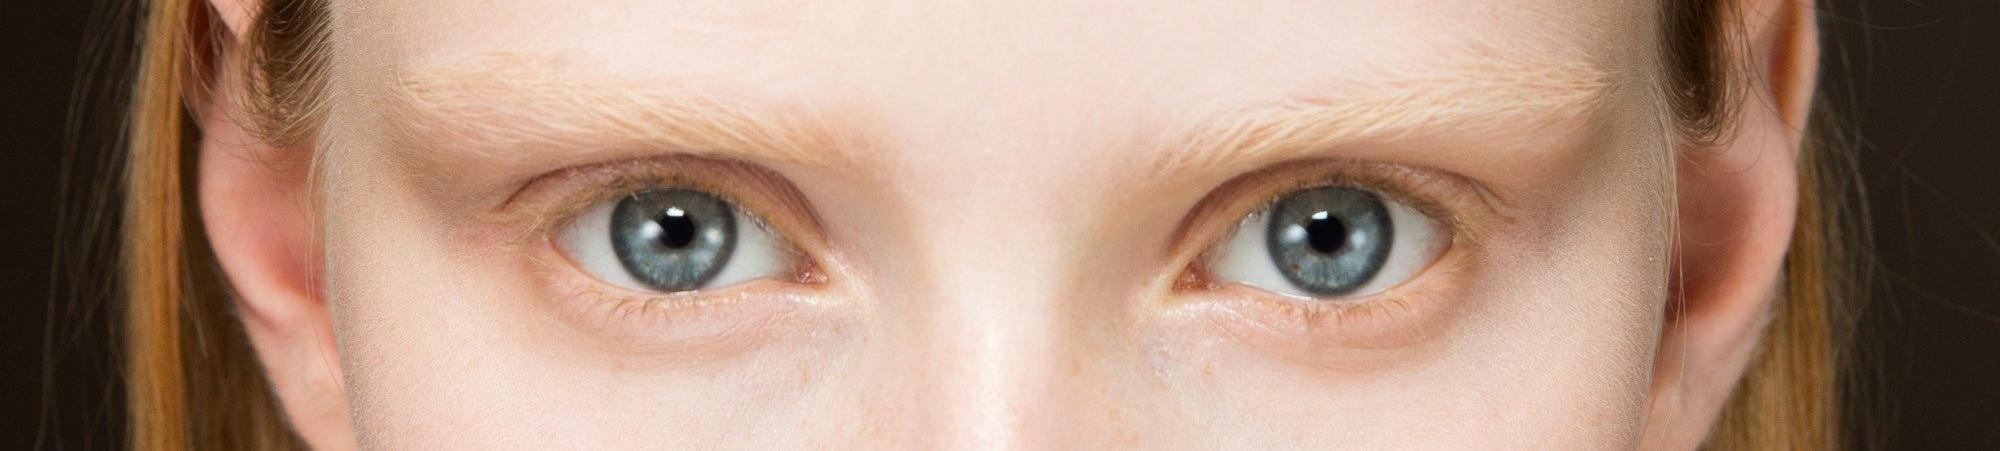 deep set eye shape